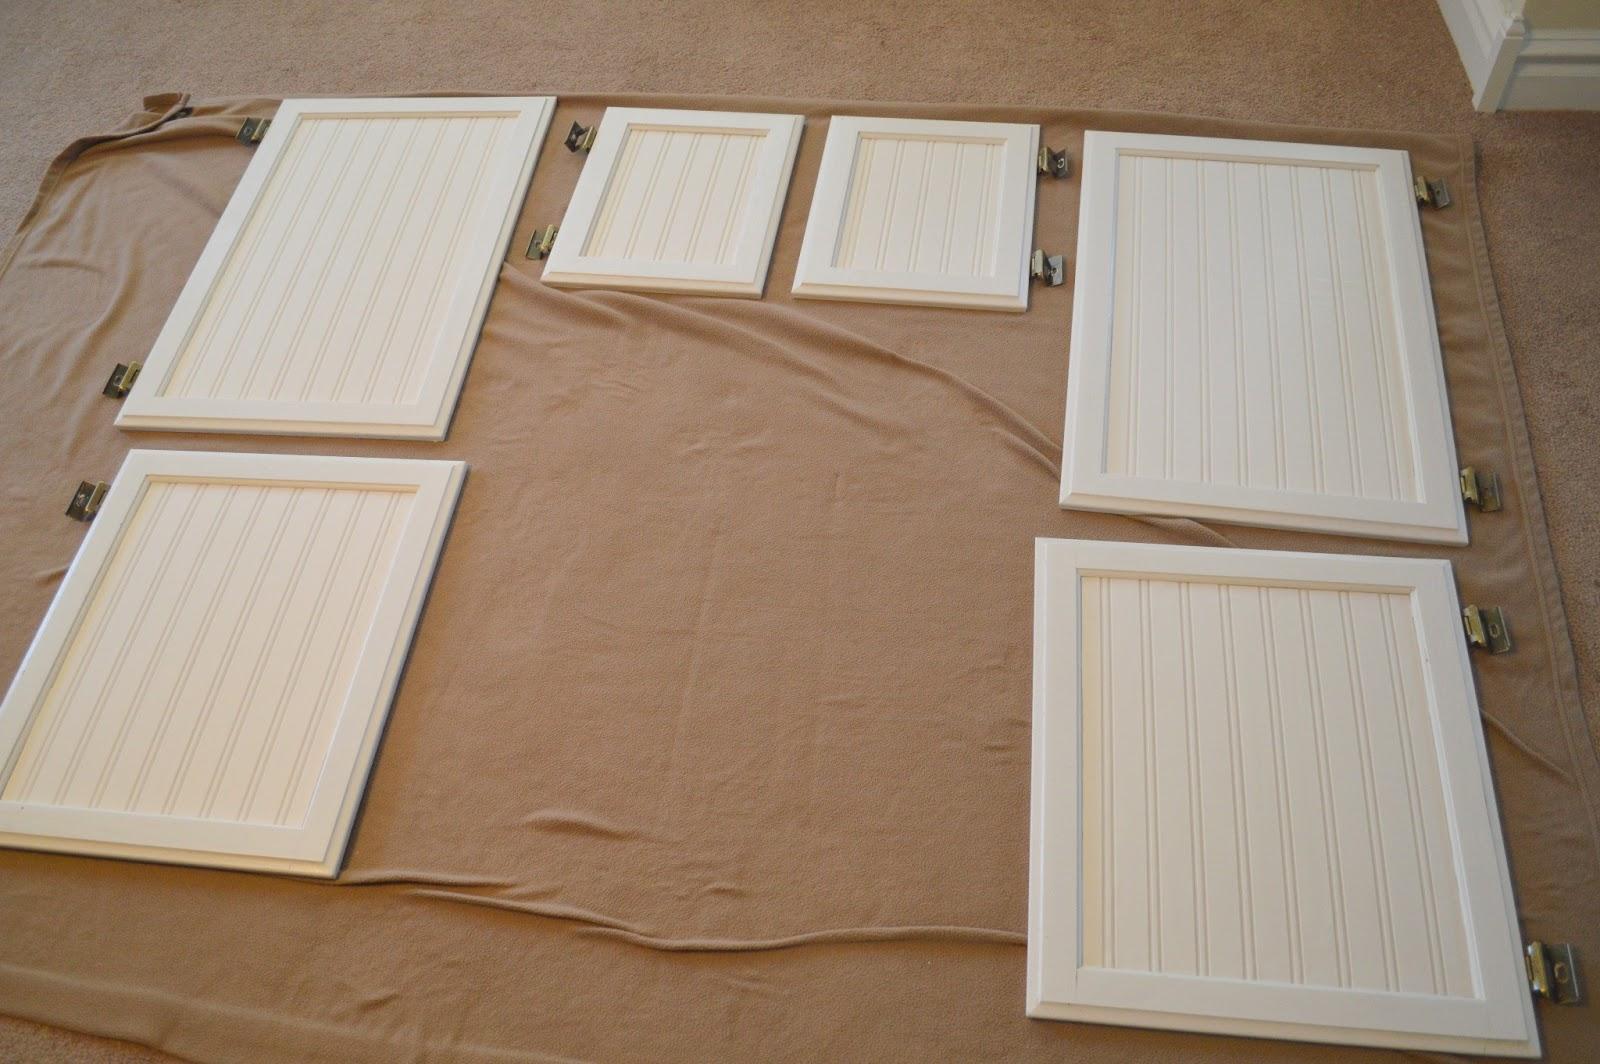 Kitchen Cabinets Upgrade Part 1